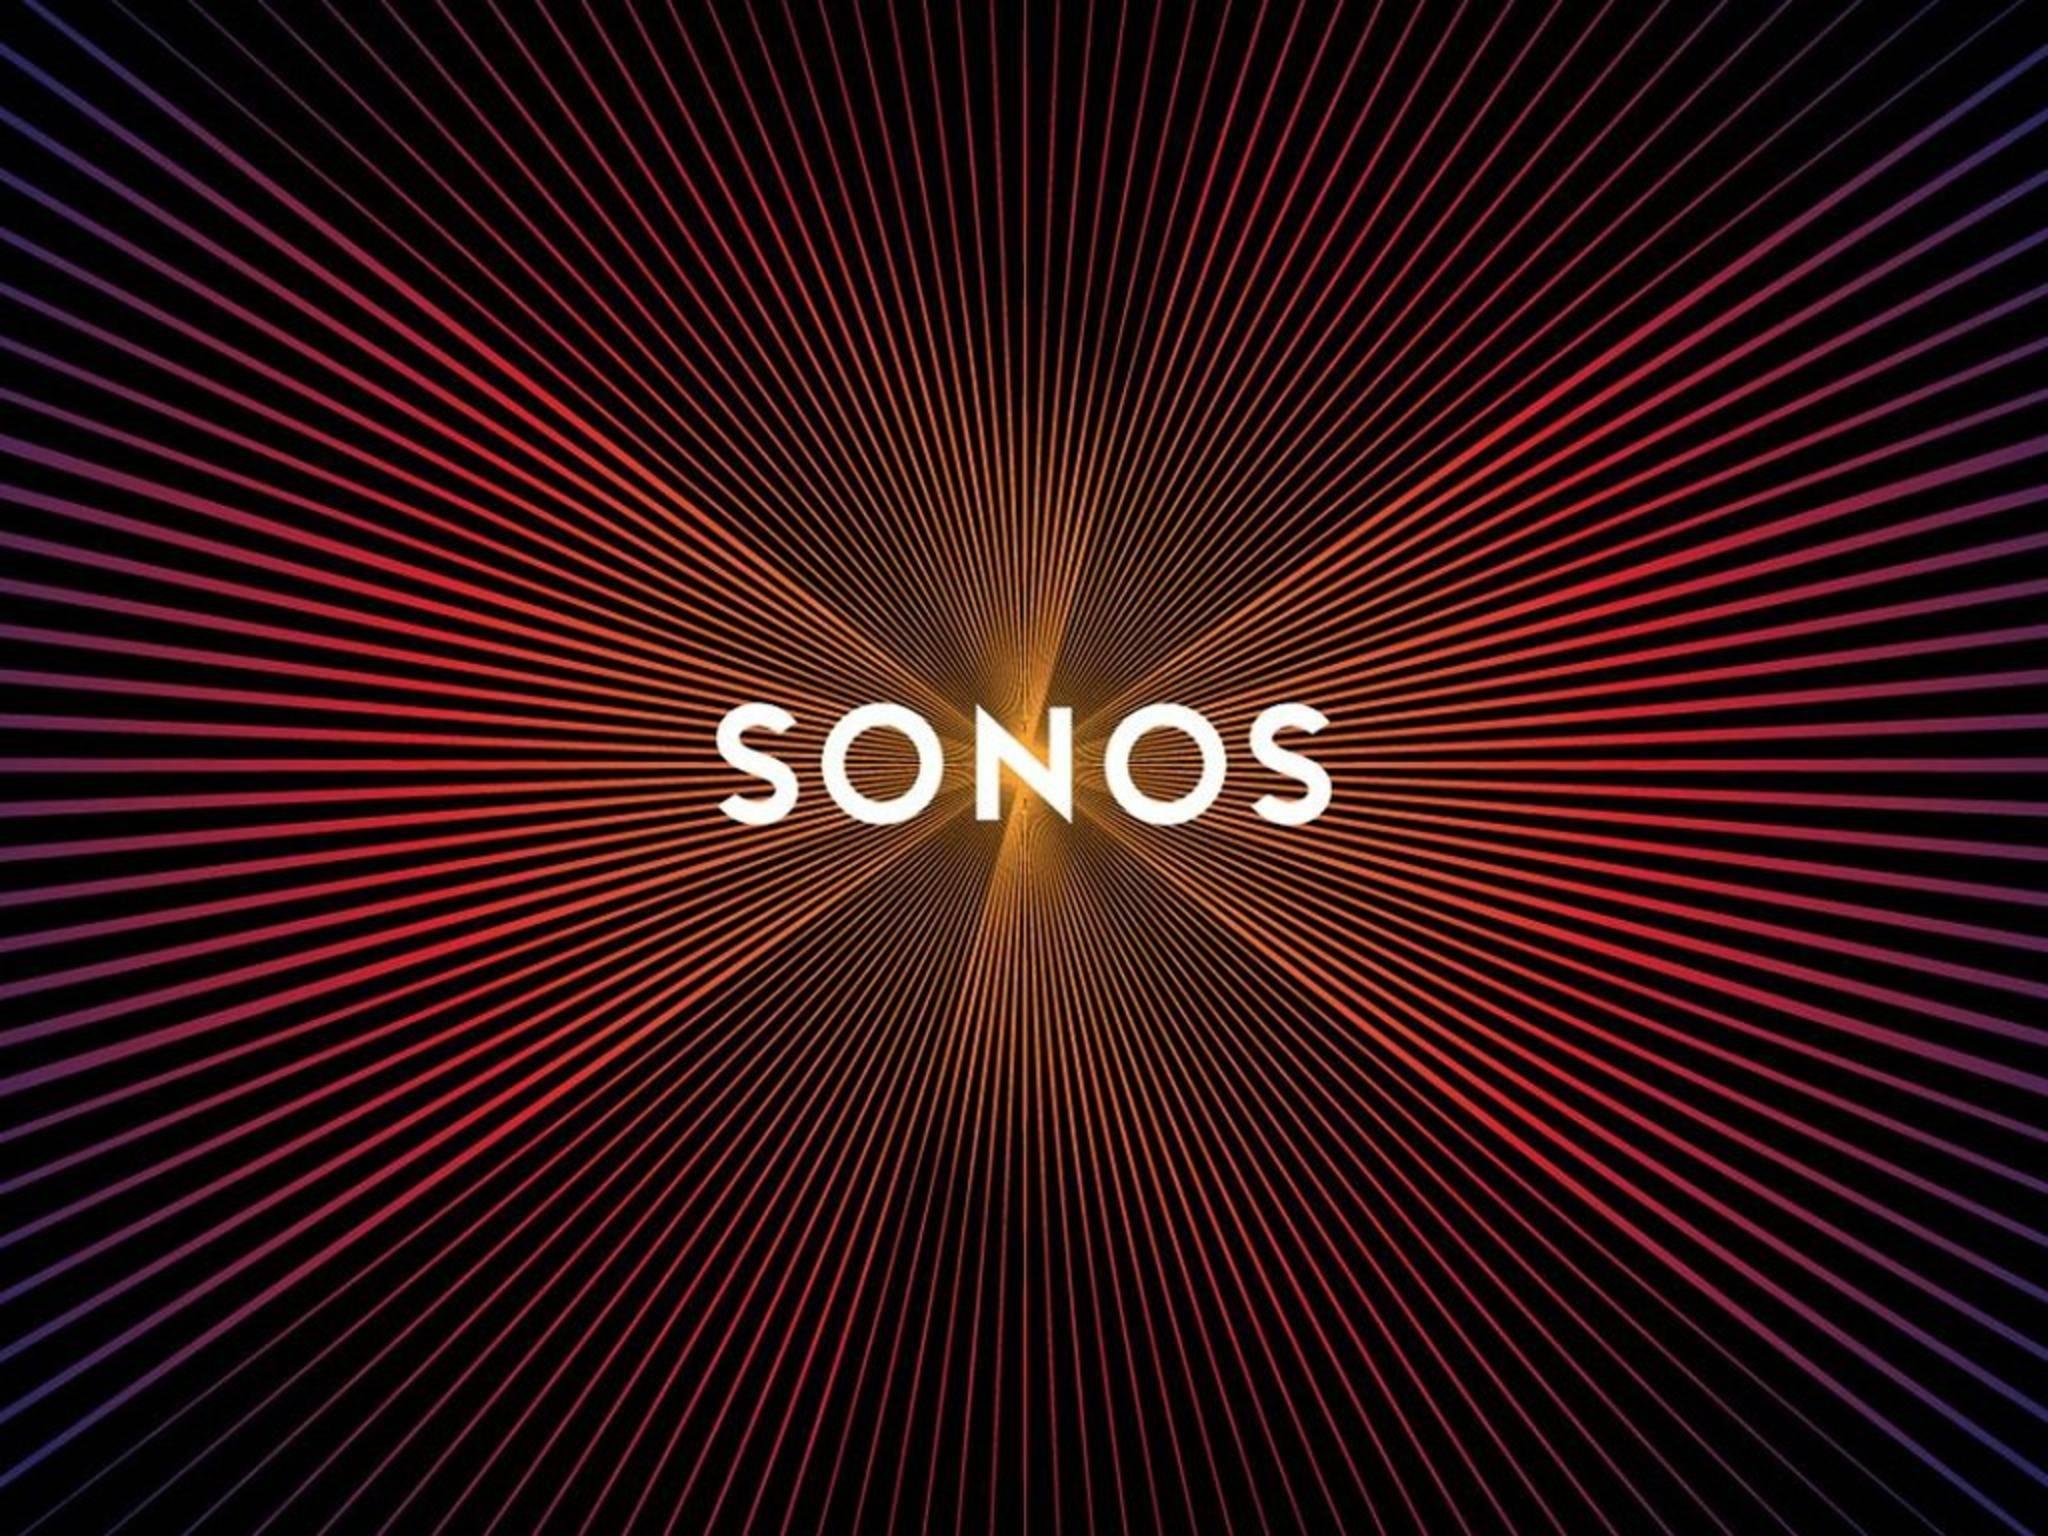 Unbedingt drüberscrollen! Dann entfaltet das Sonos-Logo sein volles Potenzial.